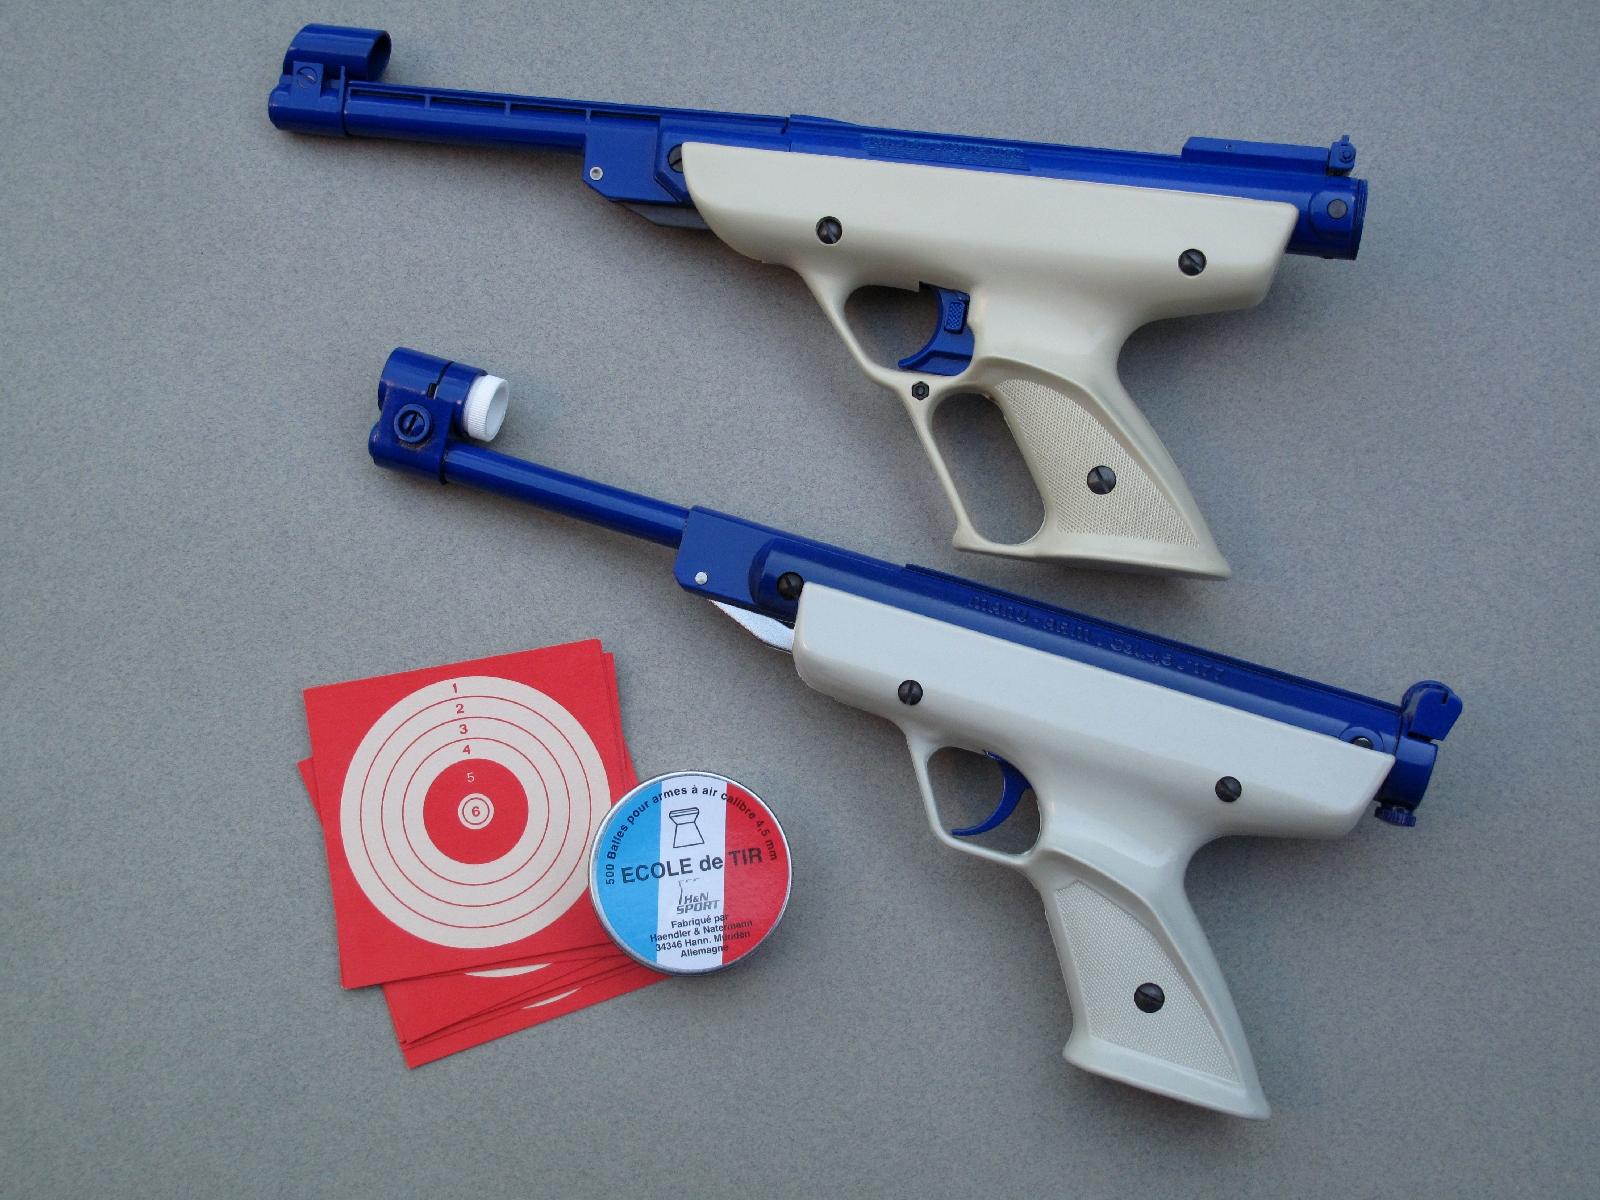 Manu-Arm avait eu l'idée de rendre plus attractifs ses pistolets en remplaçant le noir traditionnel par une laque bleue appliquée sur les parties métalliques, assortie à une poignée moulée en plastique blanc.